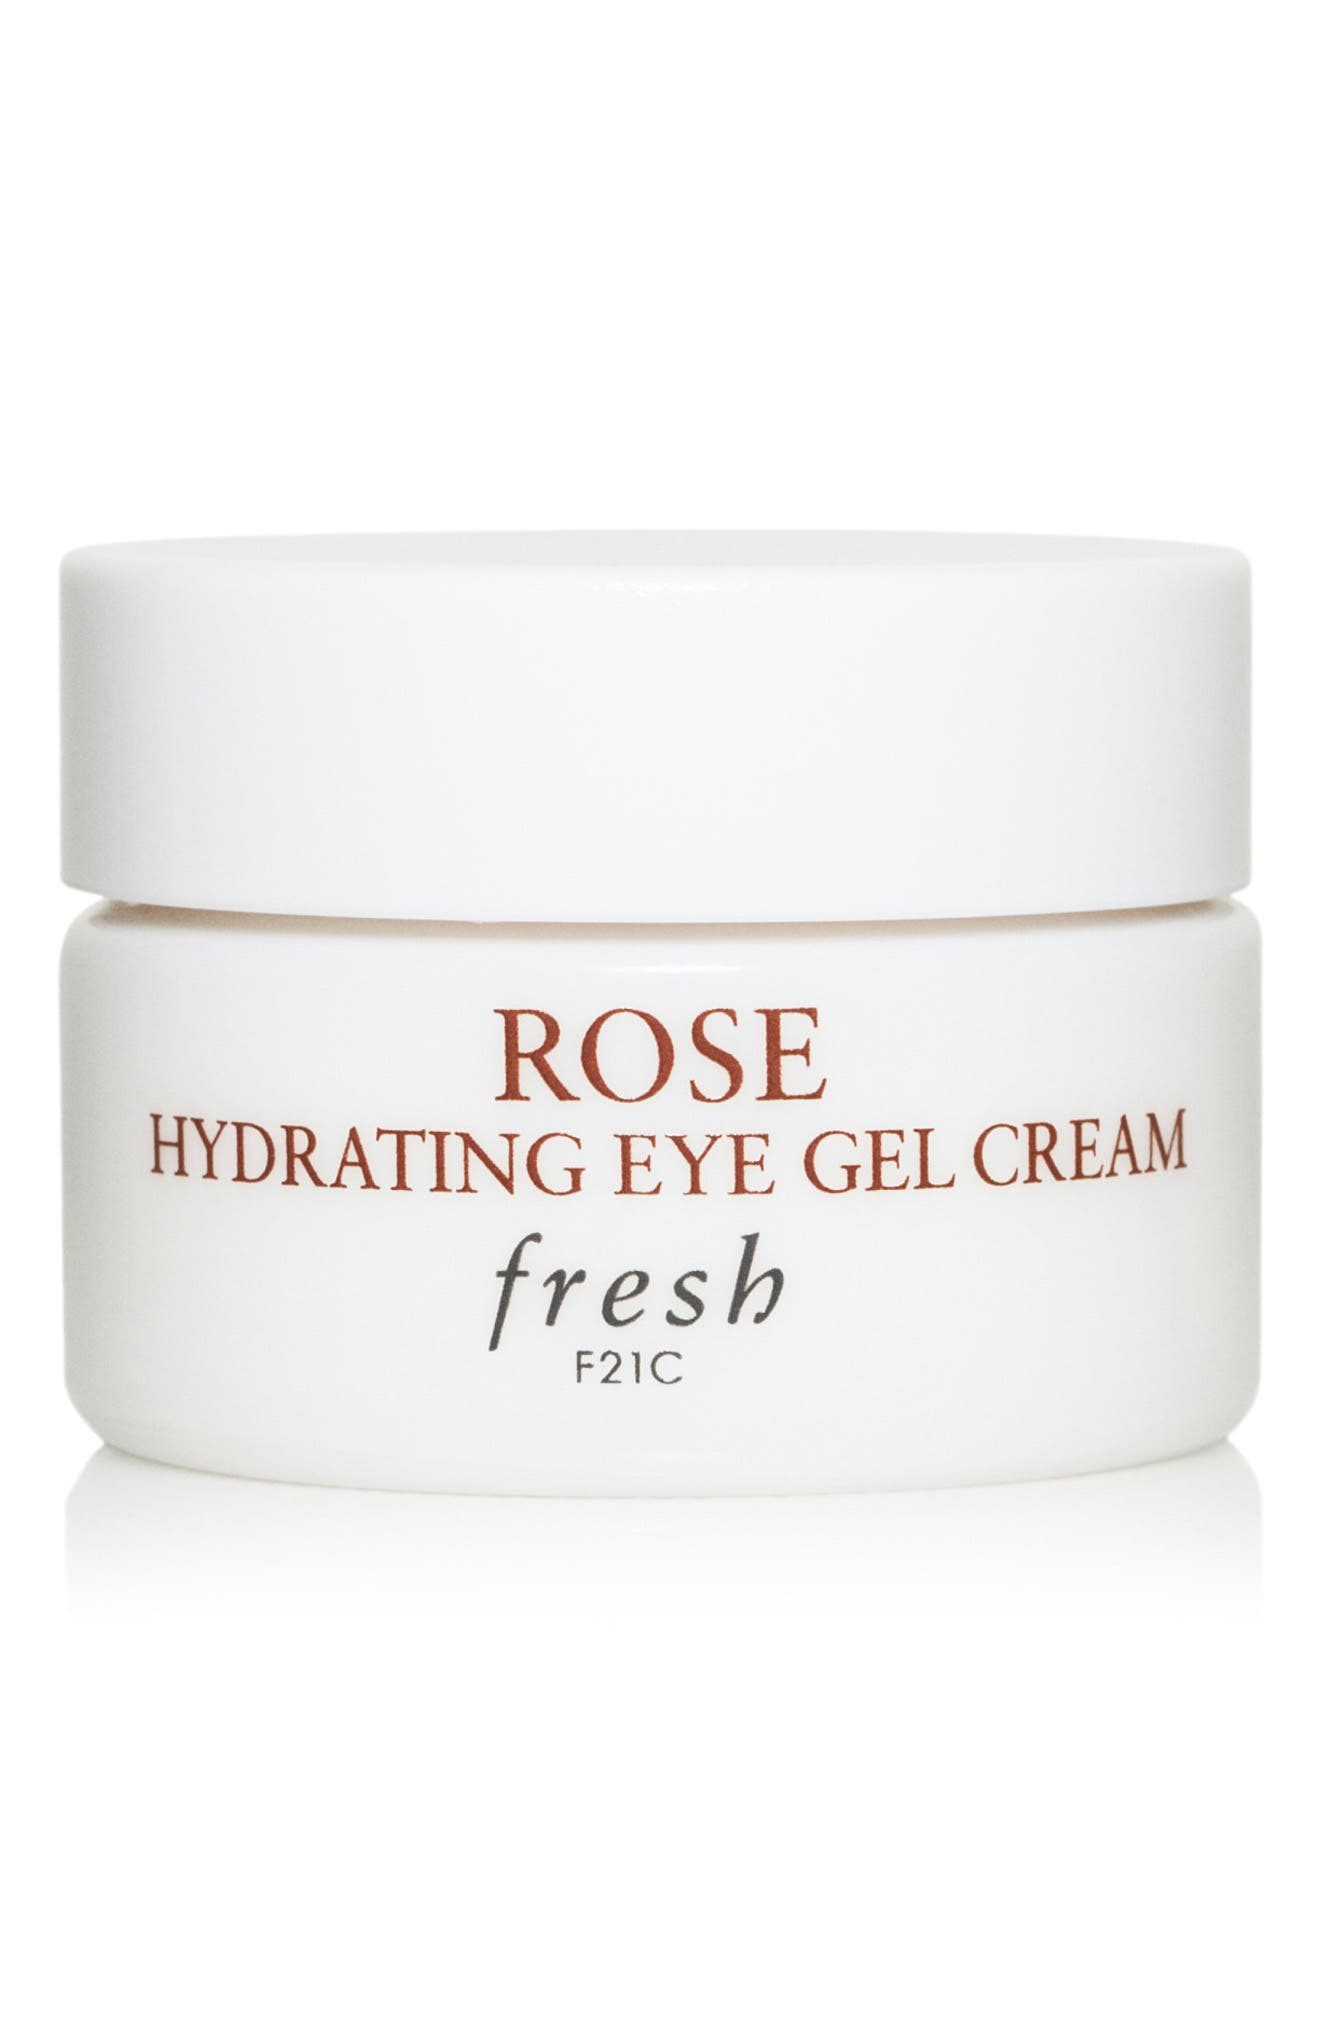 Fresh Rose Hydrating Eye Gel Cream